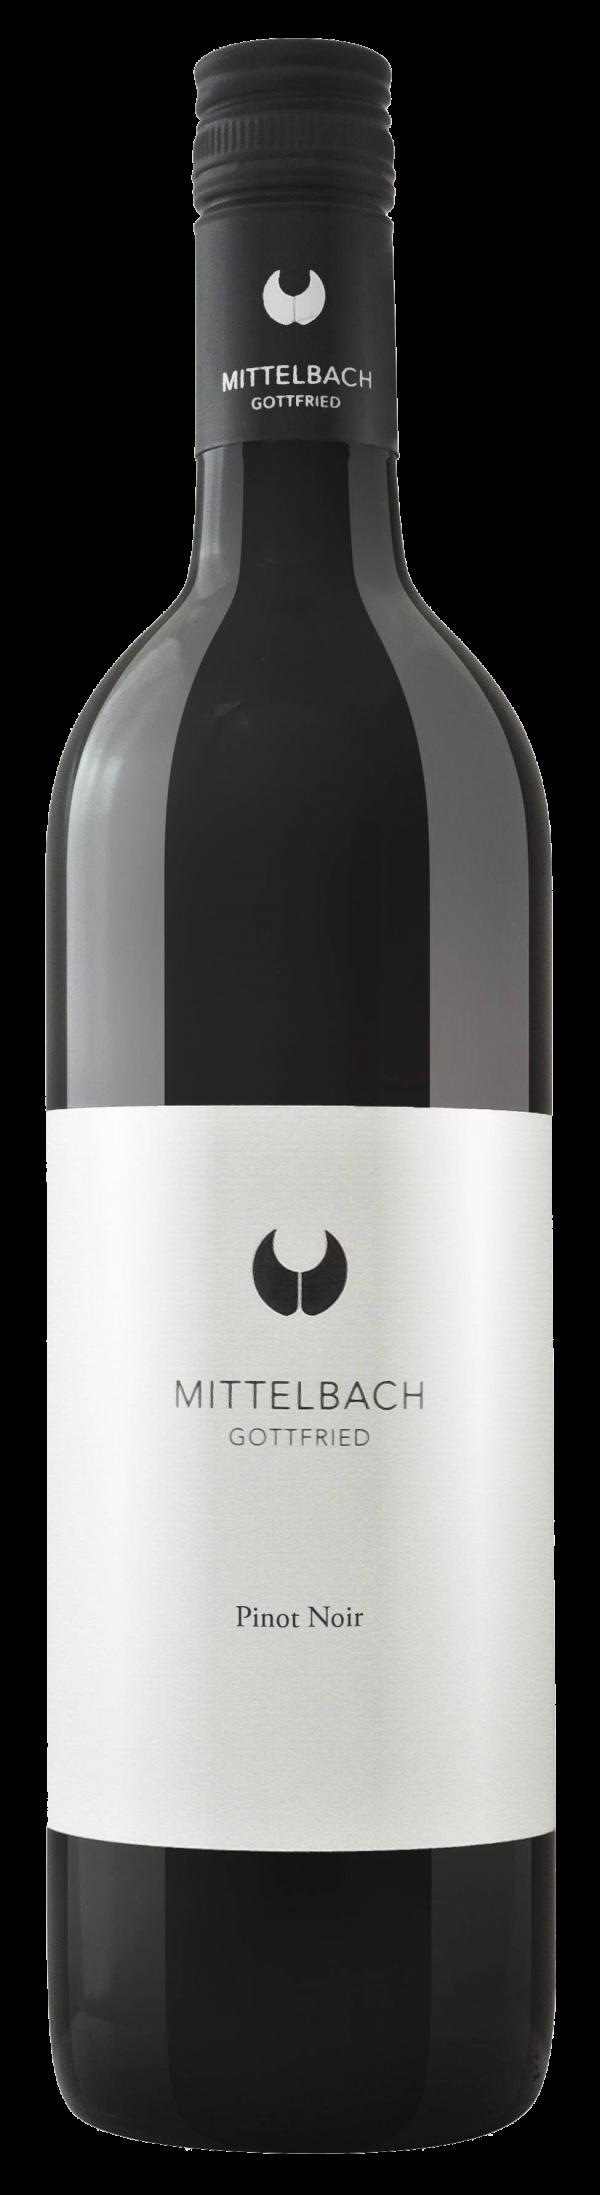 Weingut Mittelbach Pinot Noir